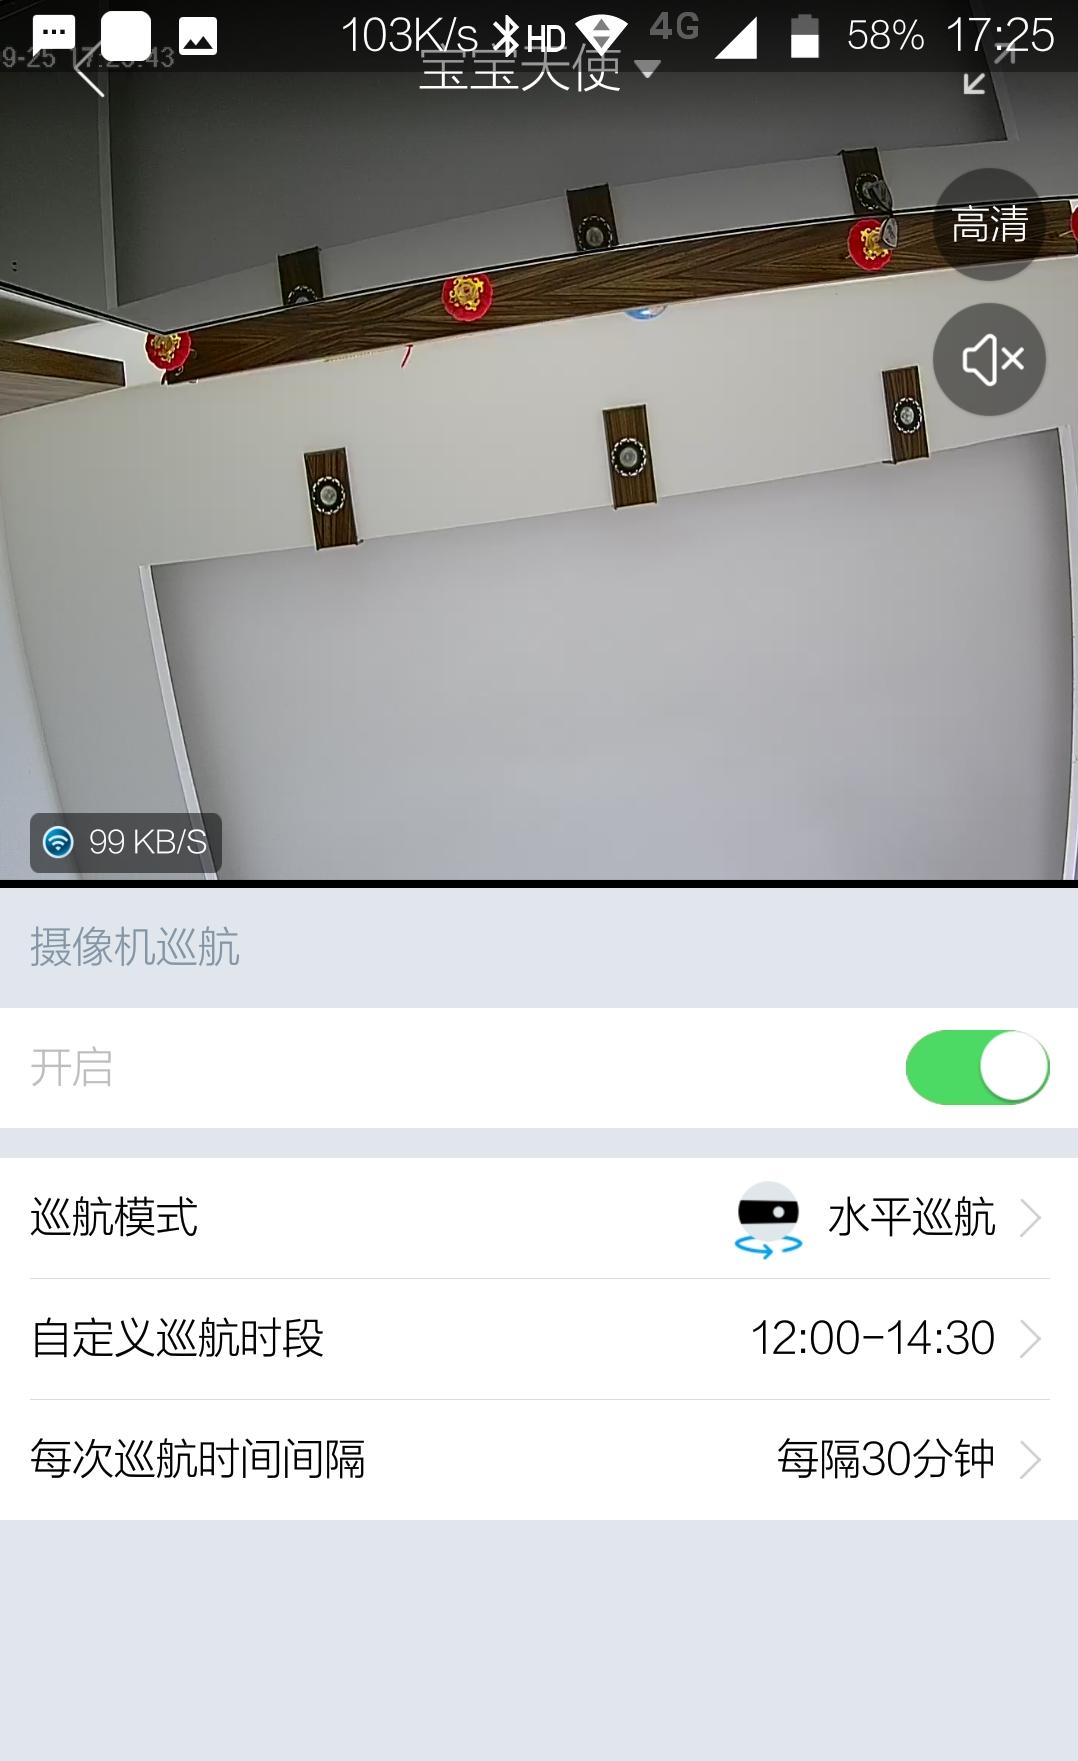 Screenshot_20170925-172550-015.jpg